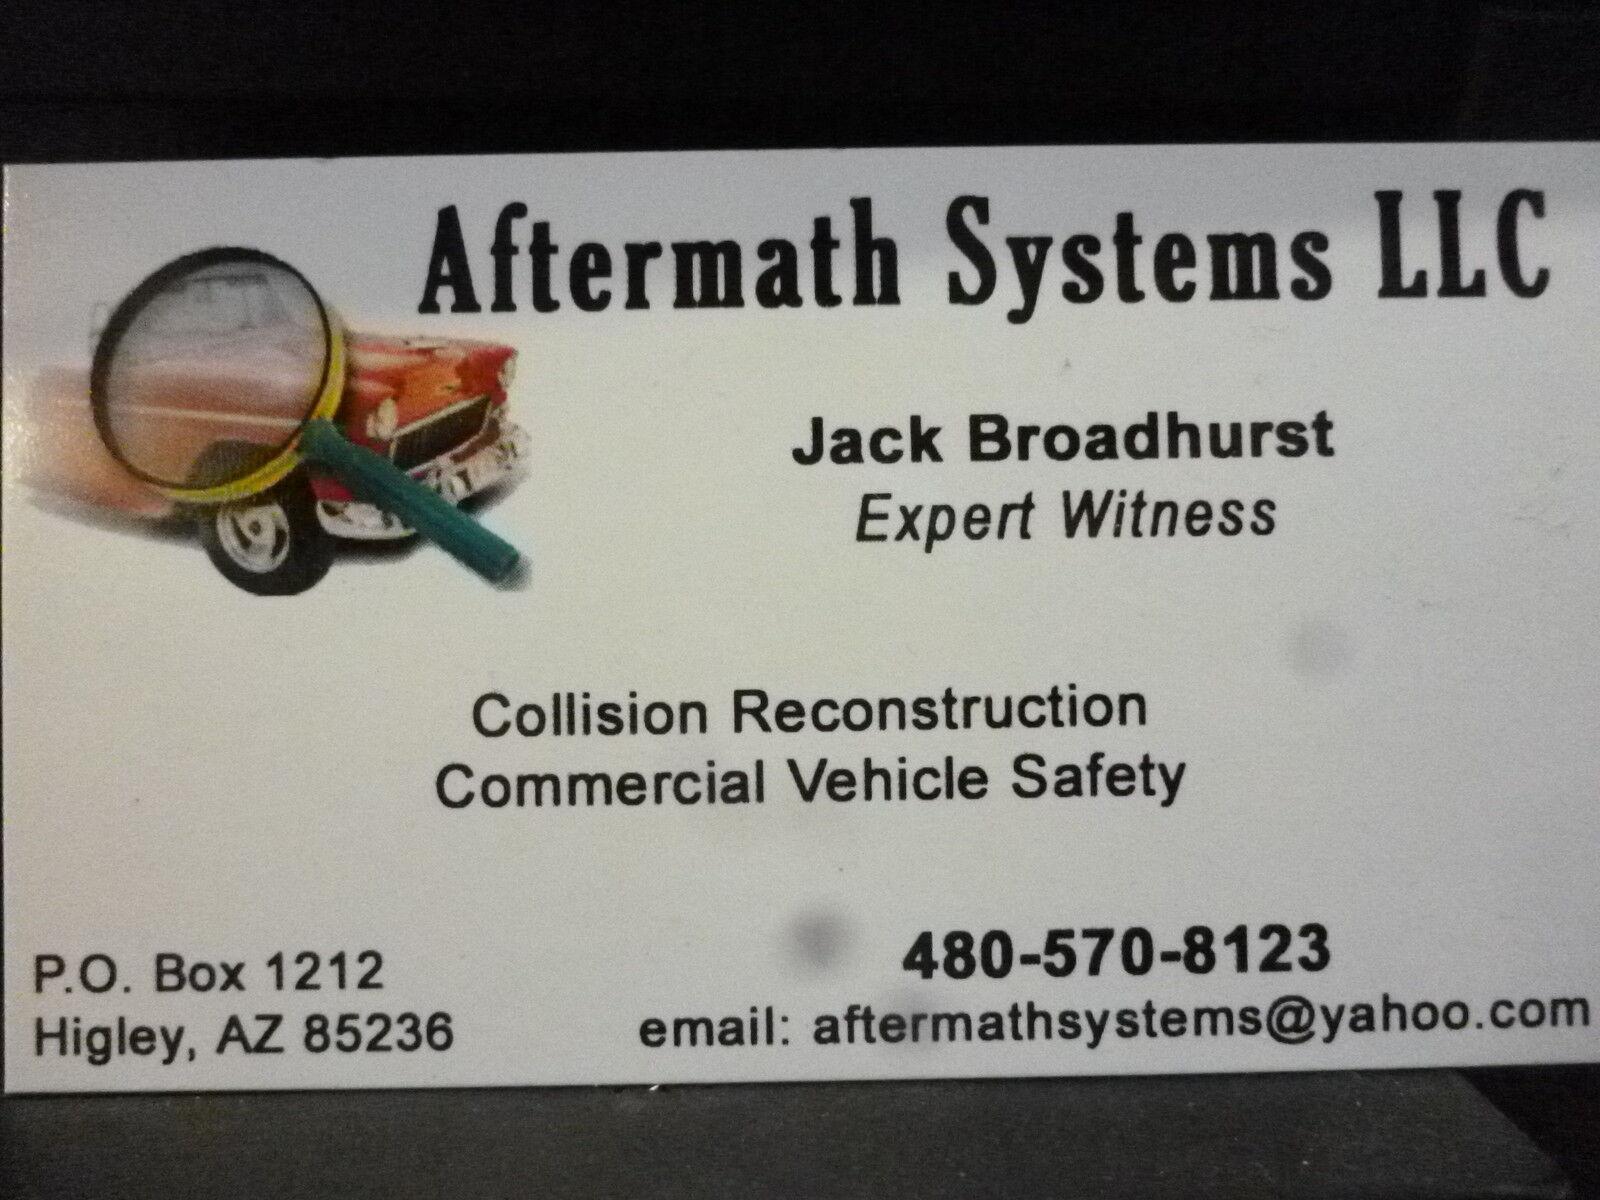 Aftermath Systems LLC